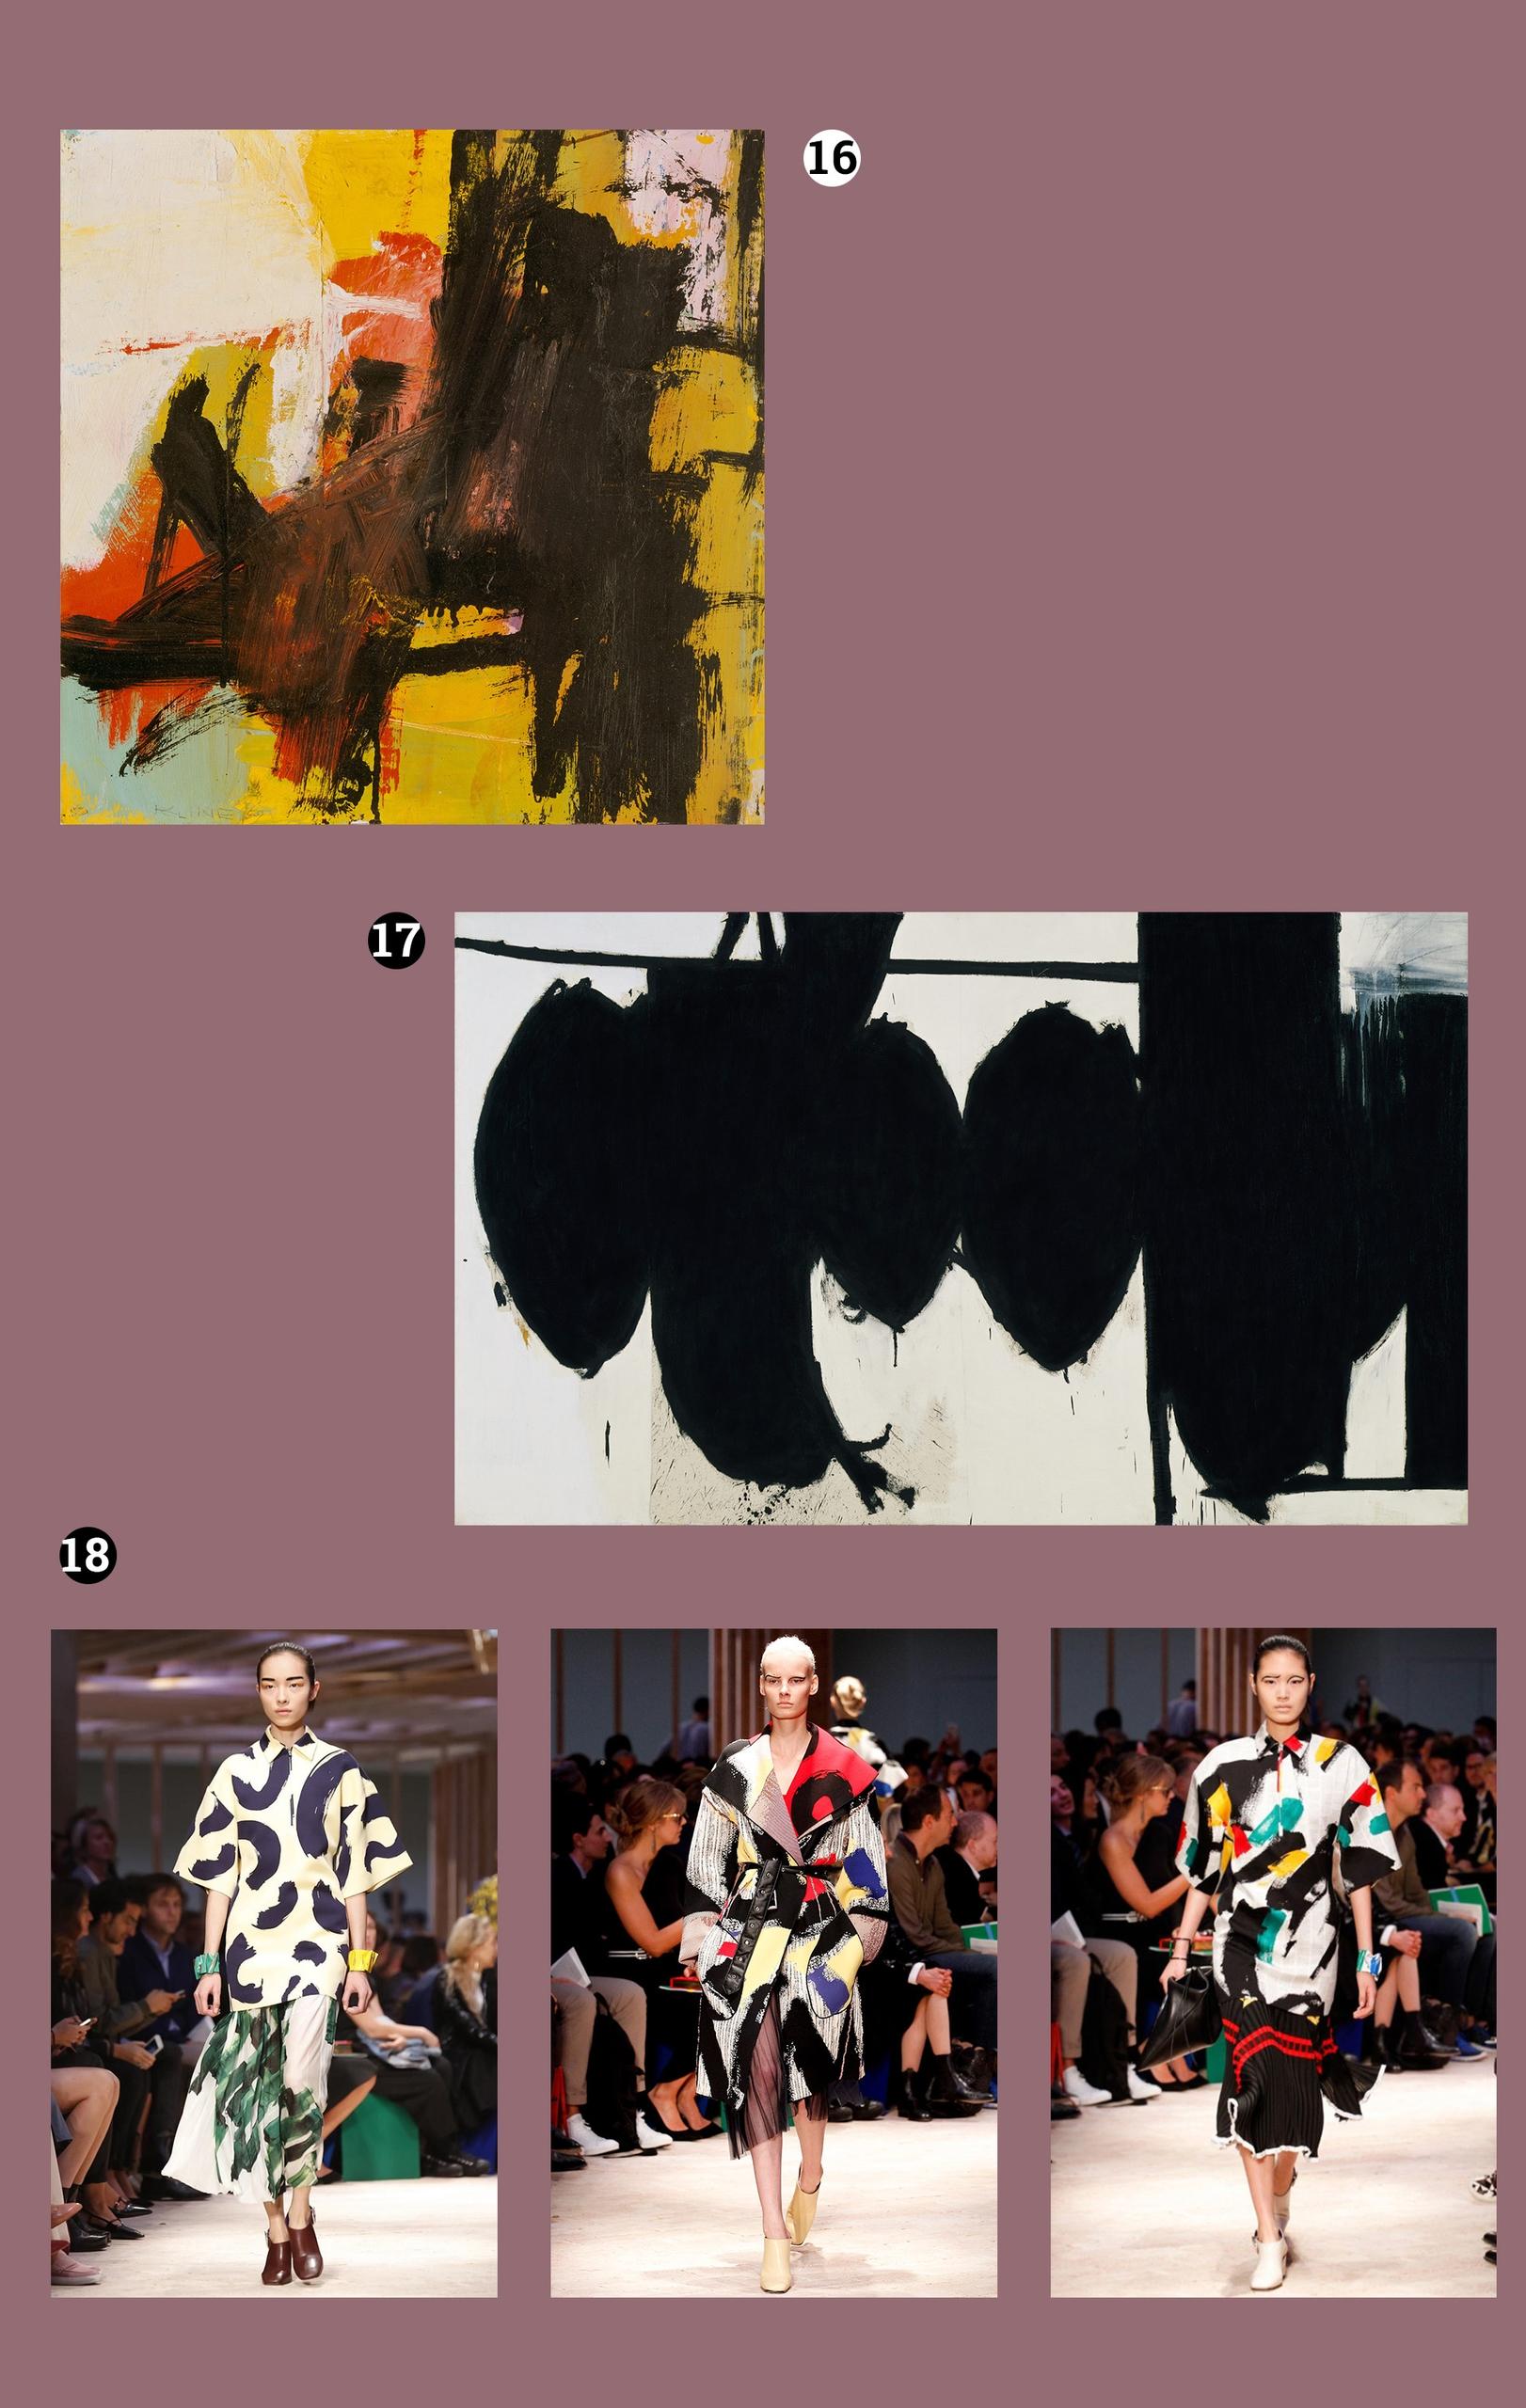 Obraz przedstawia pięć fotografii. Na dwóch z nich widzimy obrazy znanych artystów, a na trzech pozostałych modelki na wybiegu. Całość na fioletowym tle.